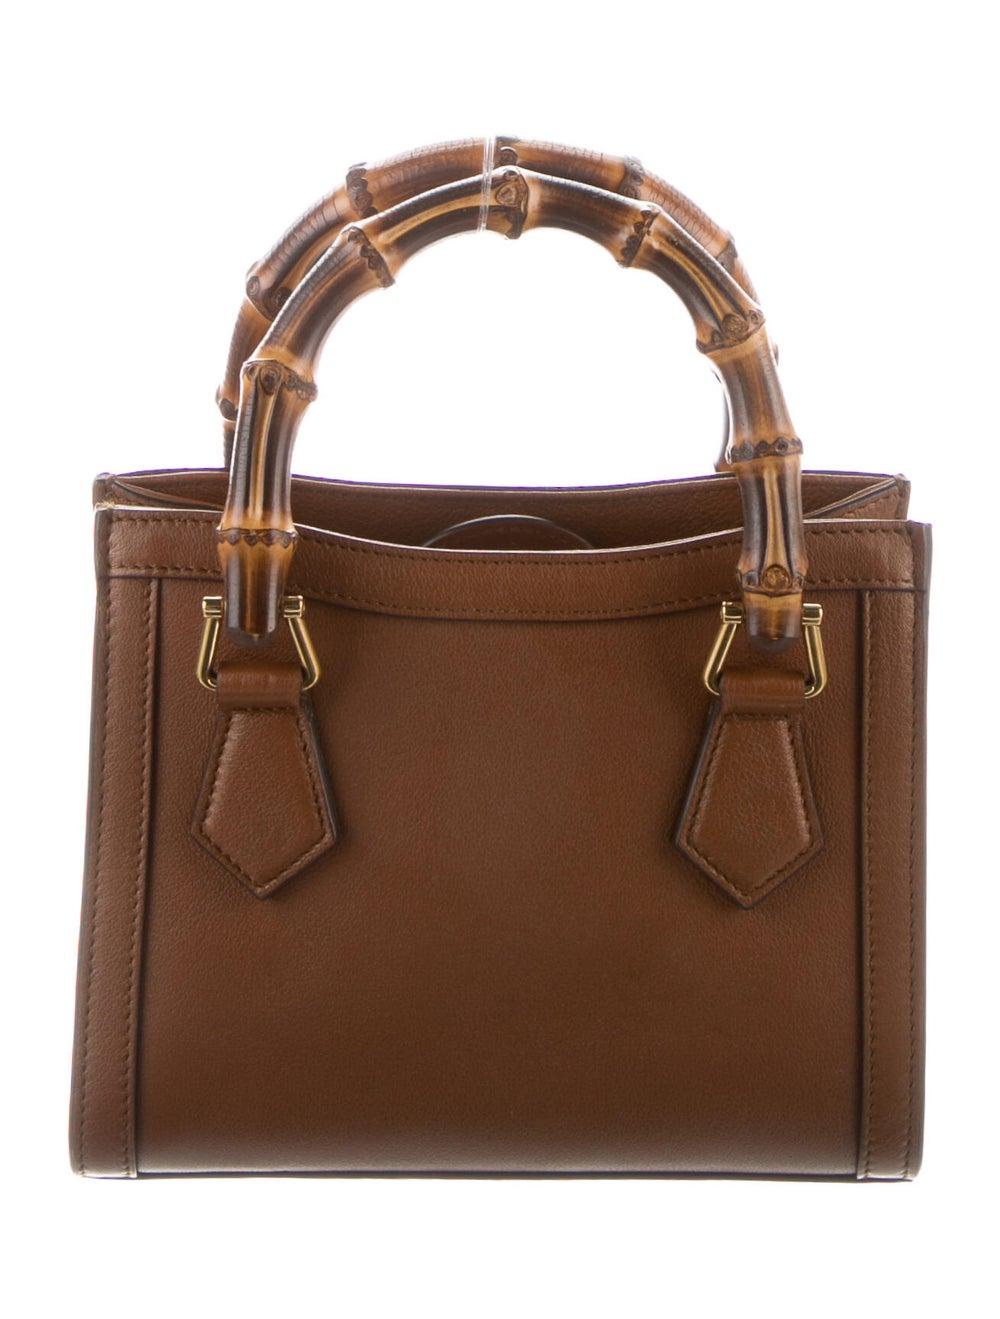 Gucci Gucci Diana Mini Tote Bag Brown - image 4